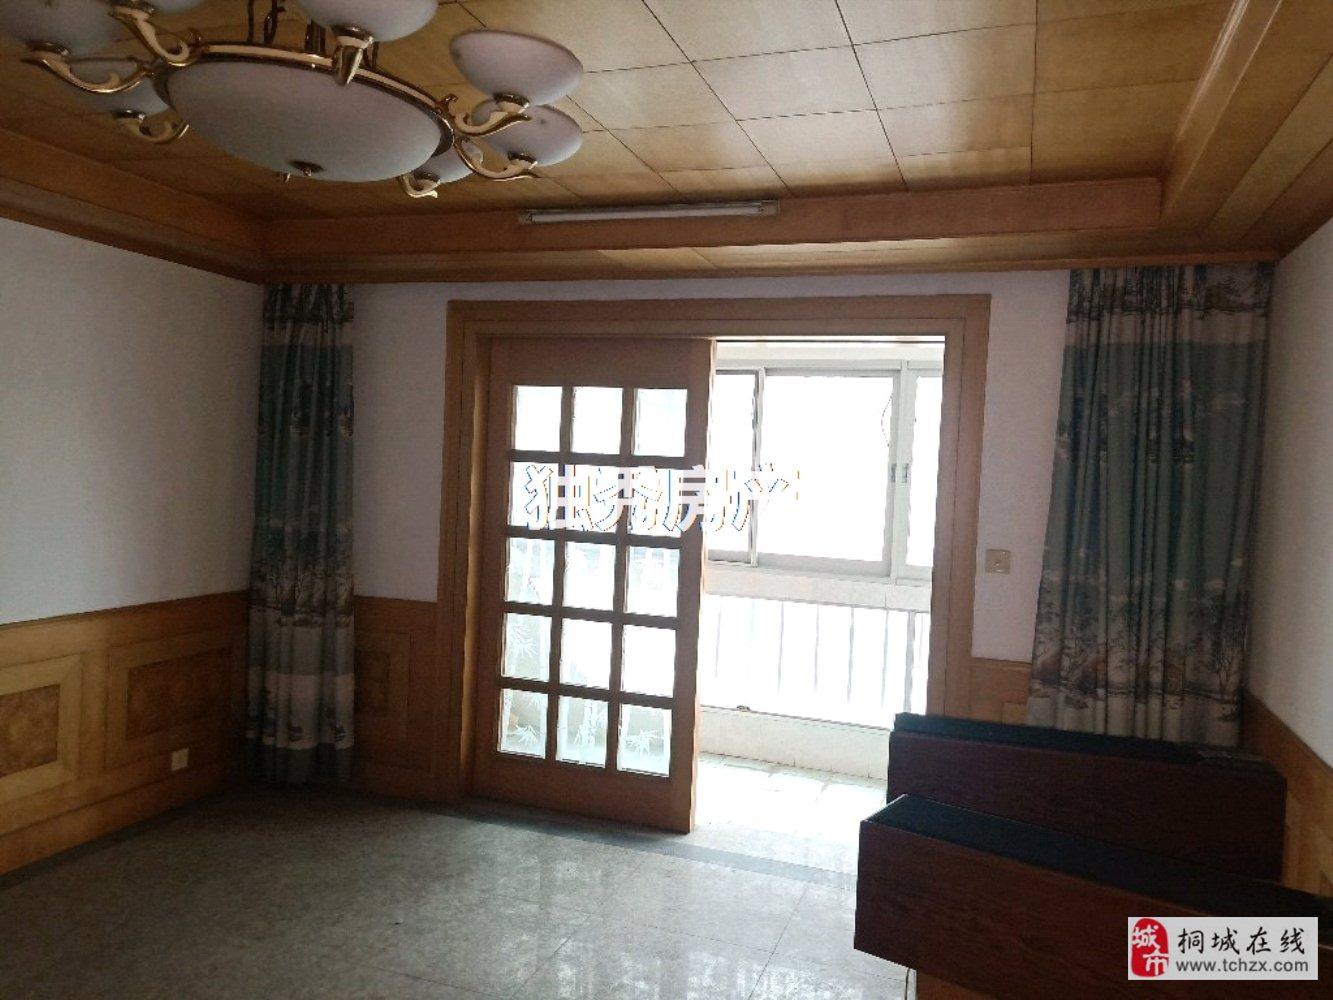 出售樱花园精装房3室2厅2卫50万元近学校